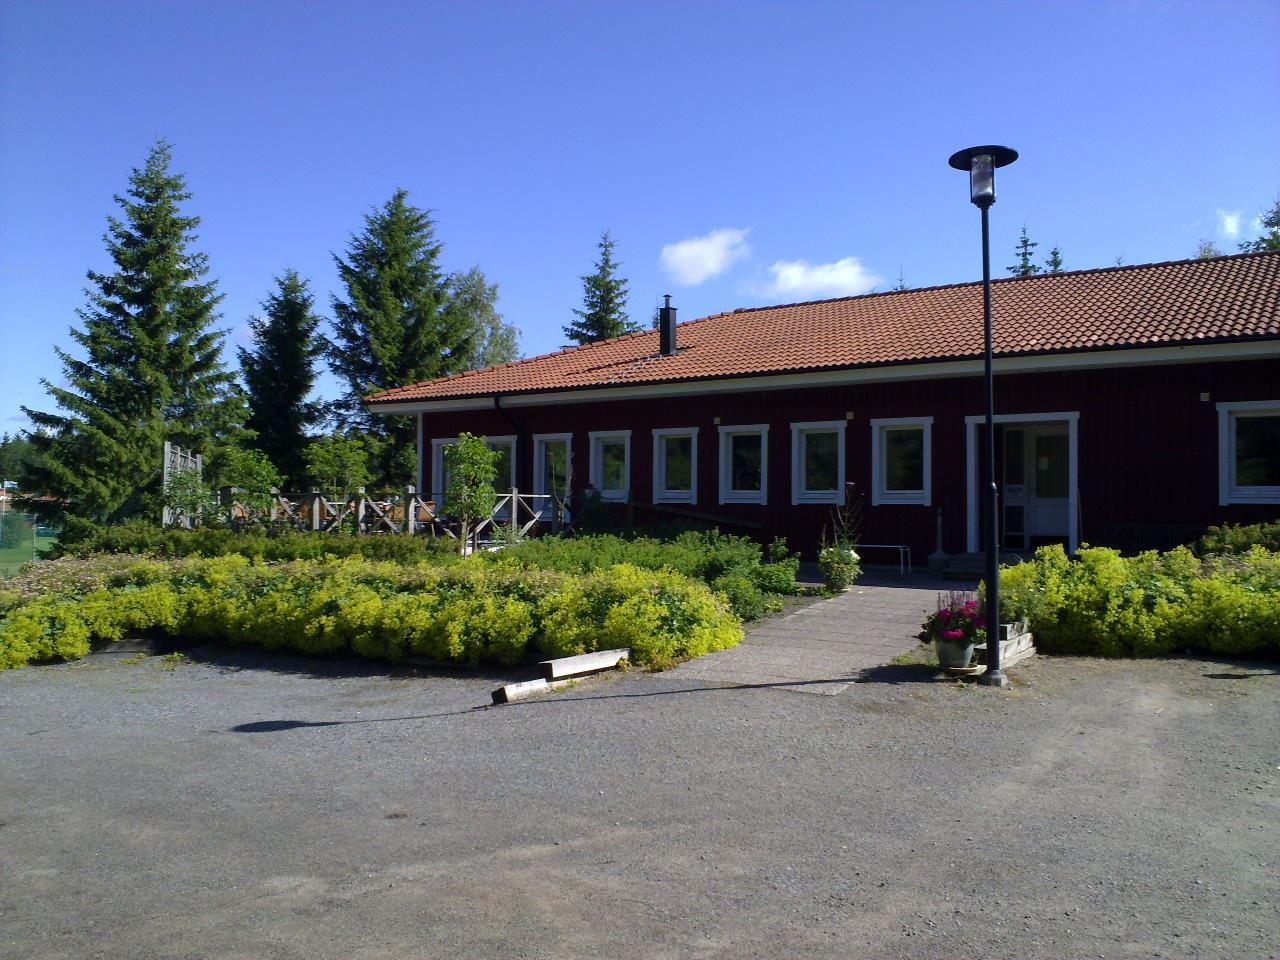 Horsfjärden SVIF Hostel in Haninge, Stockholm